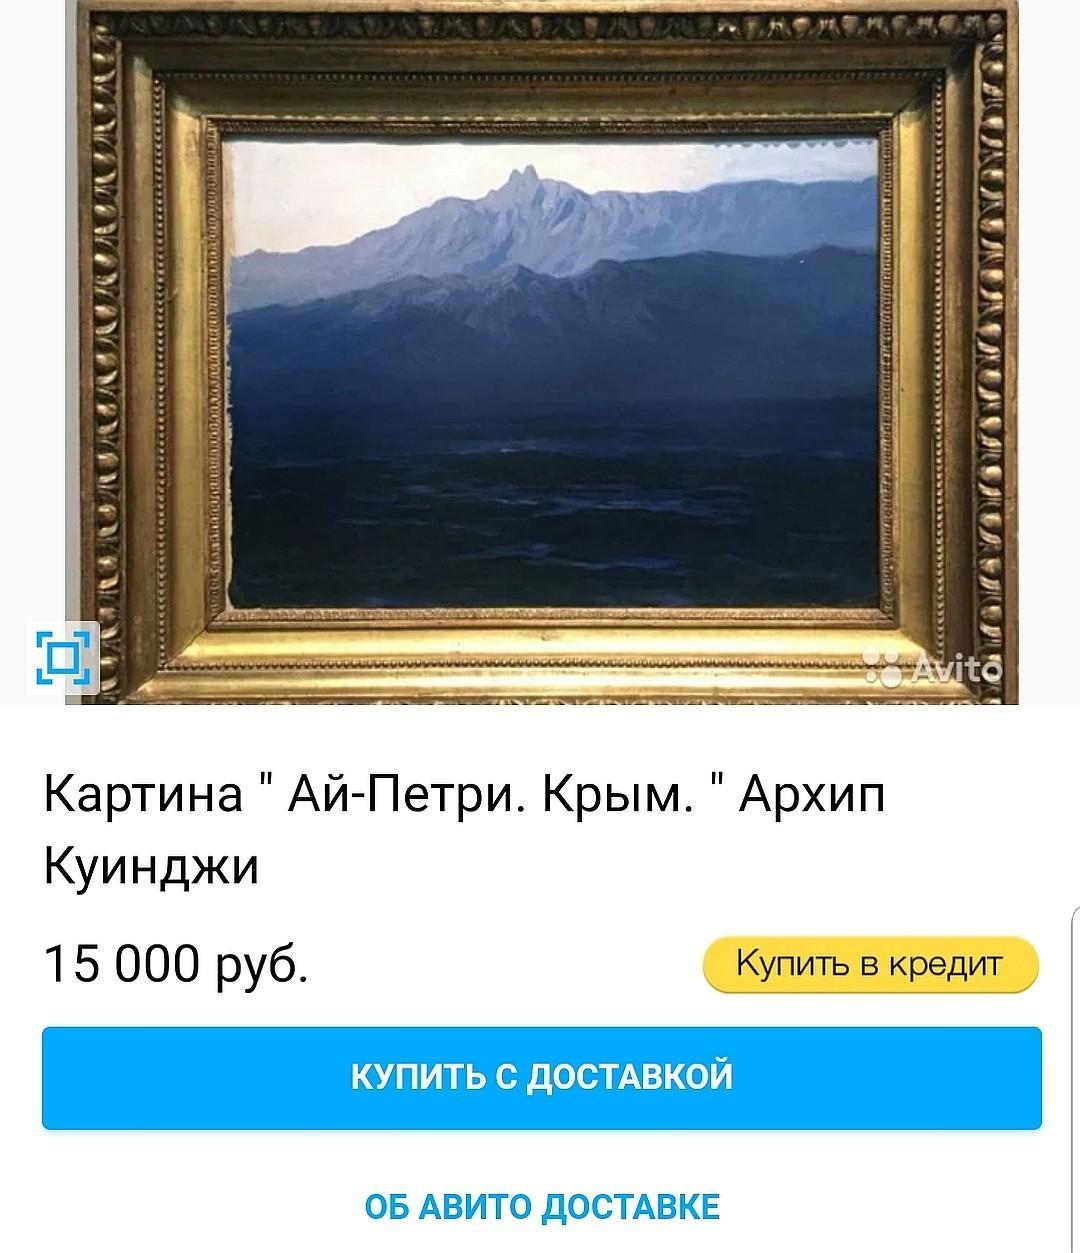 Объявление о продаже картины Куинджи